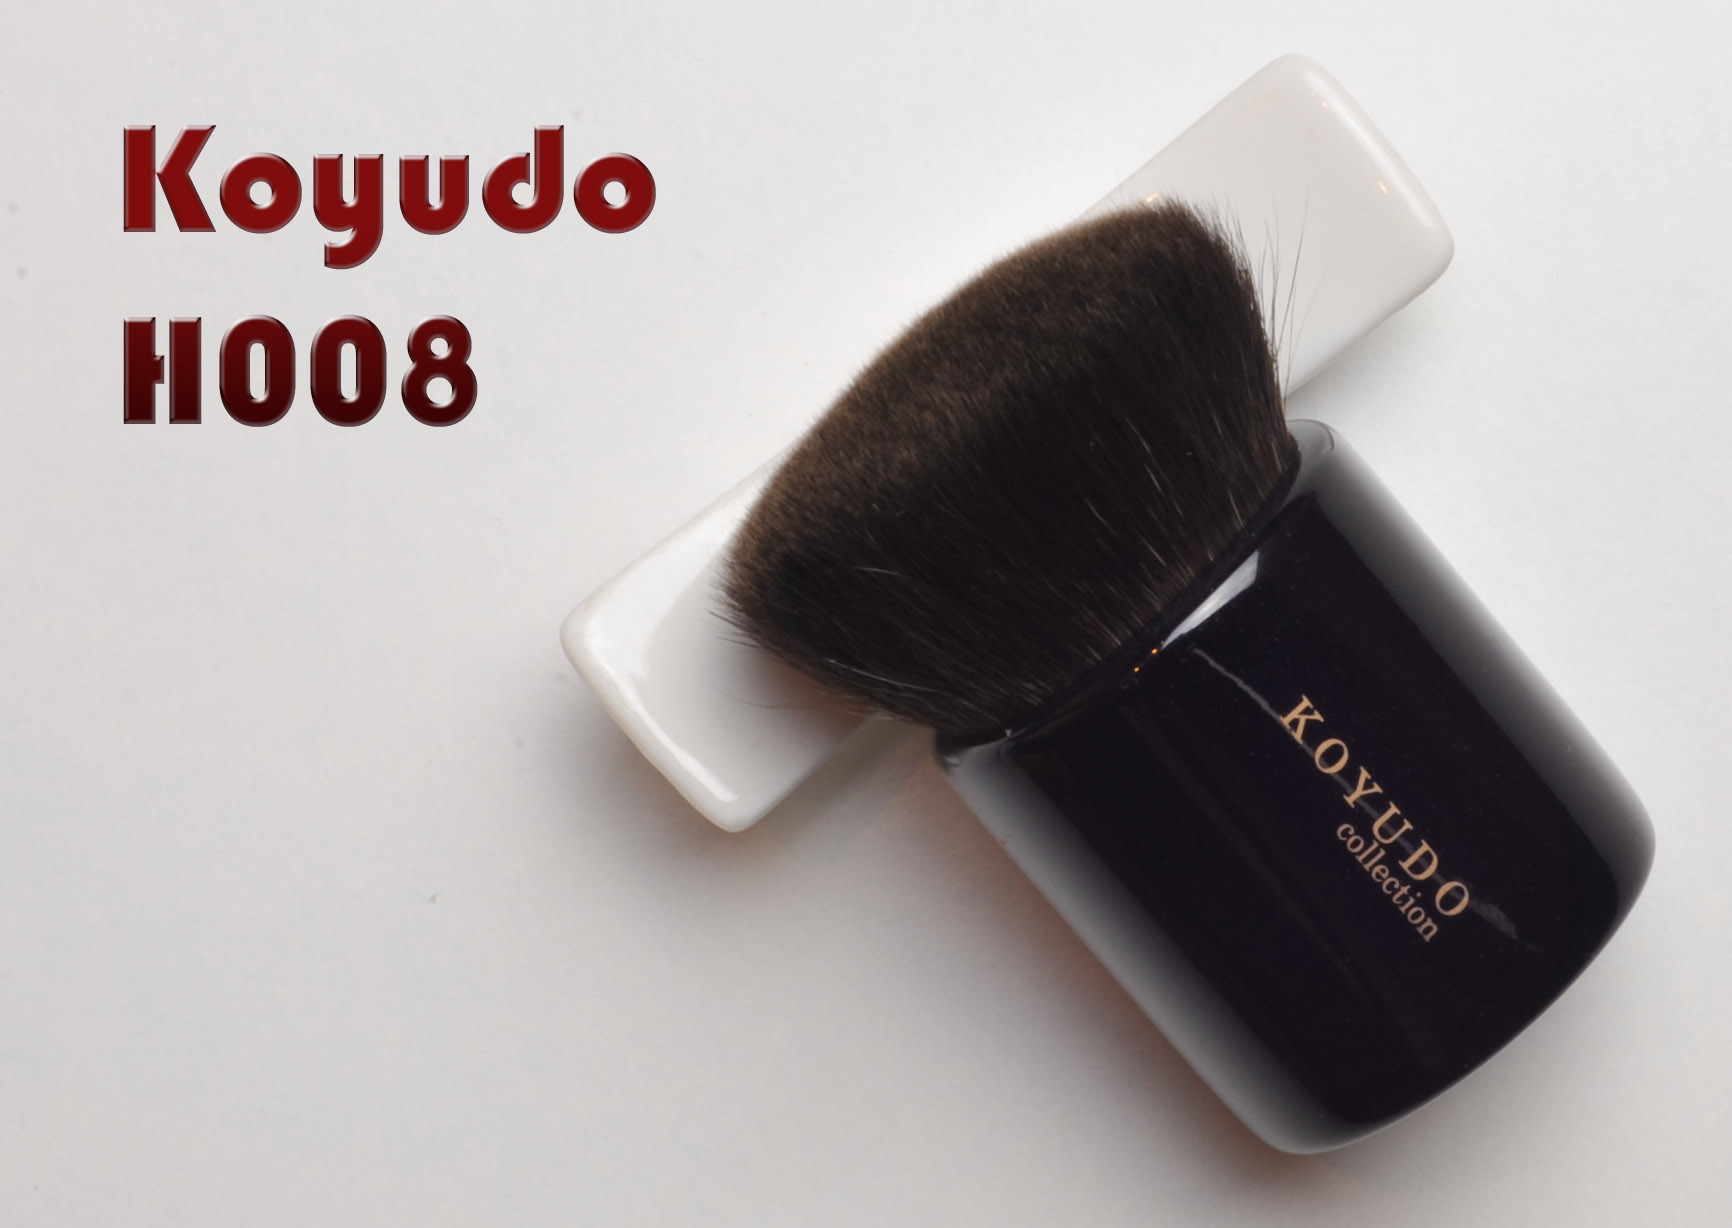 koyudoh008